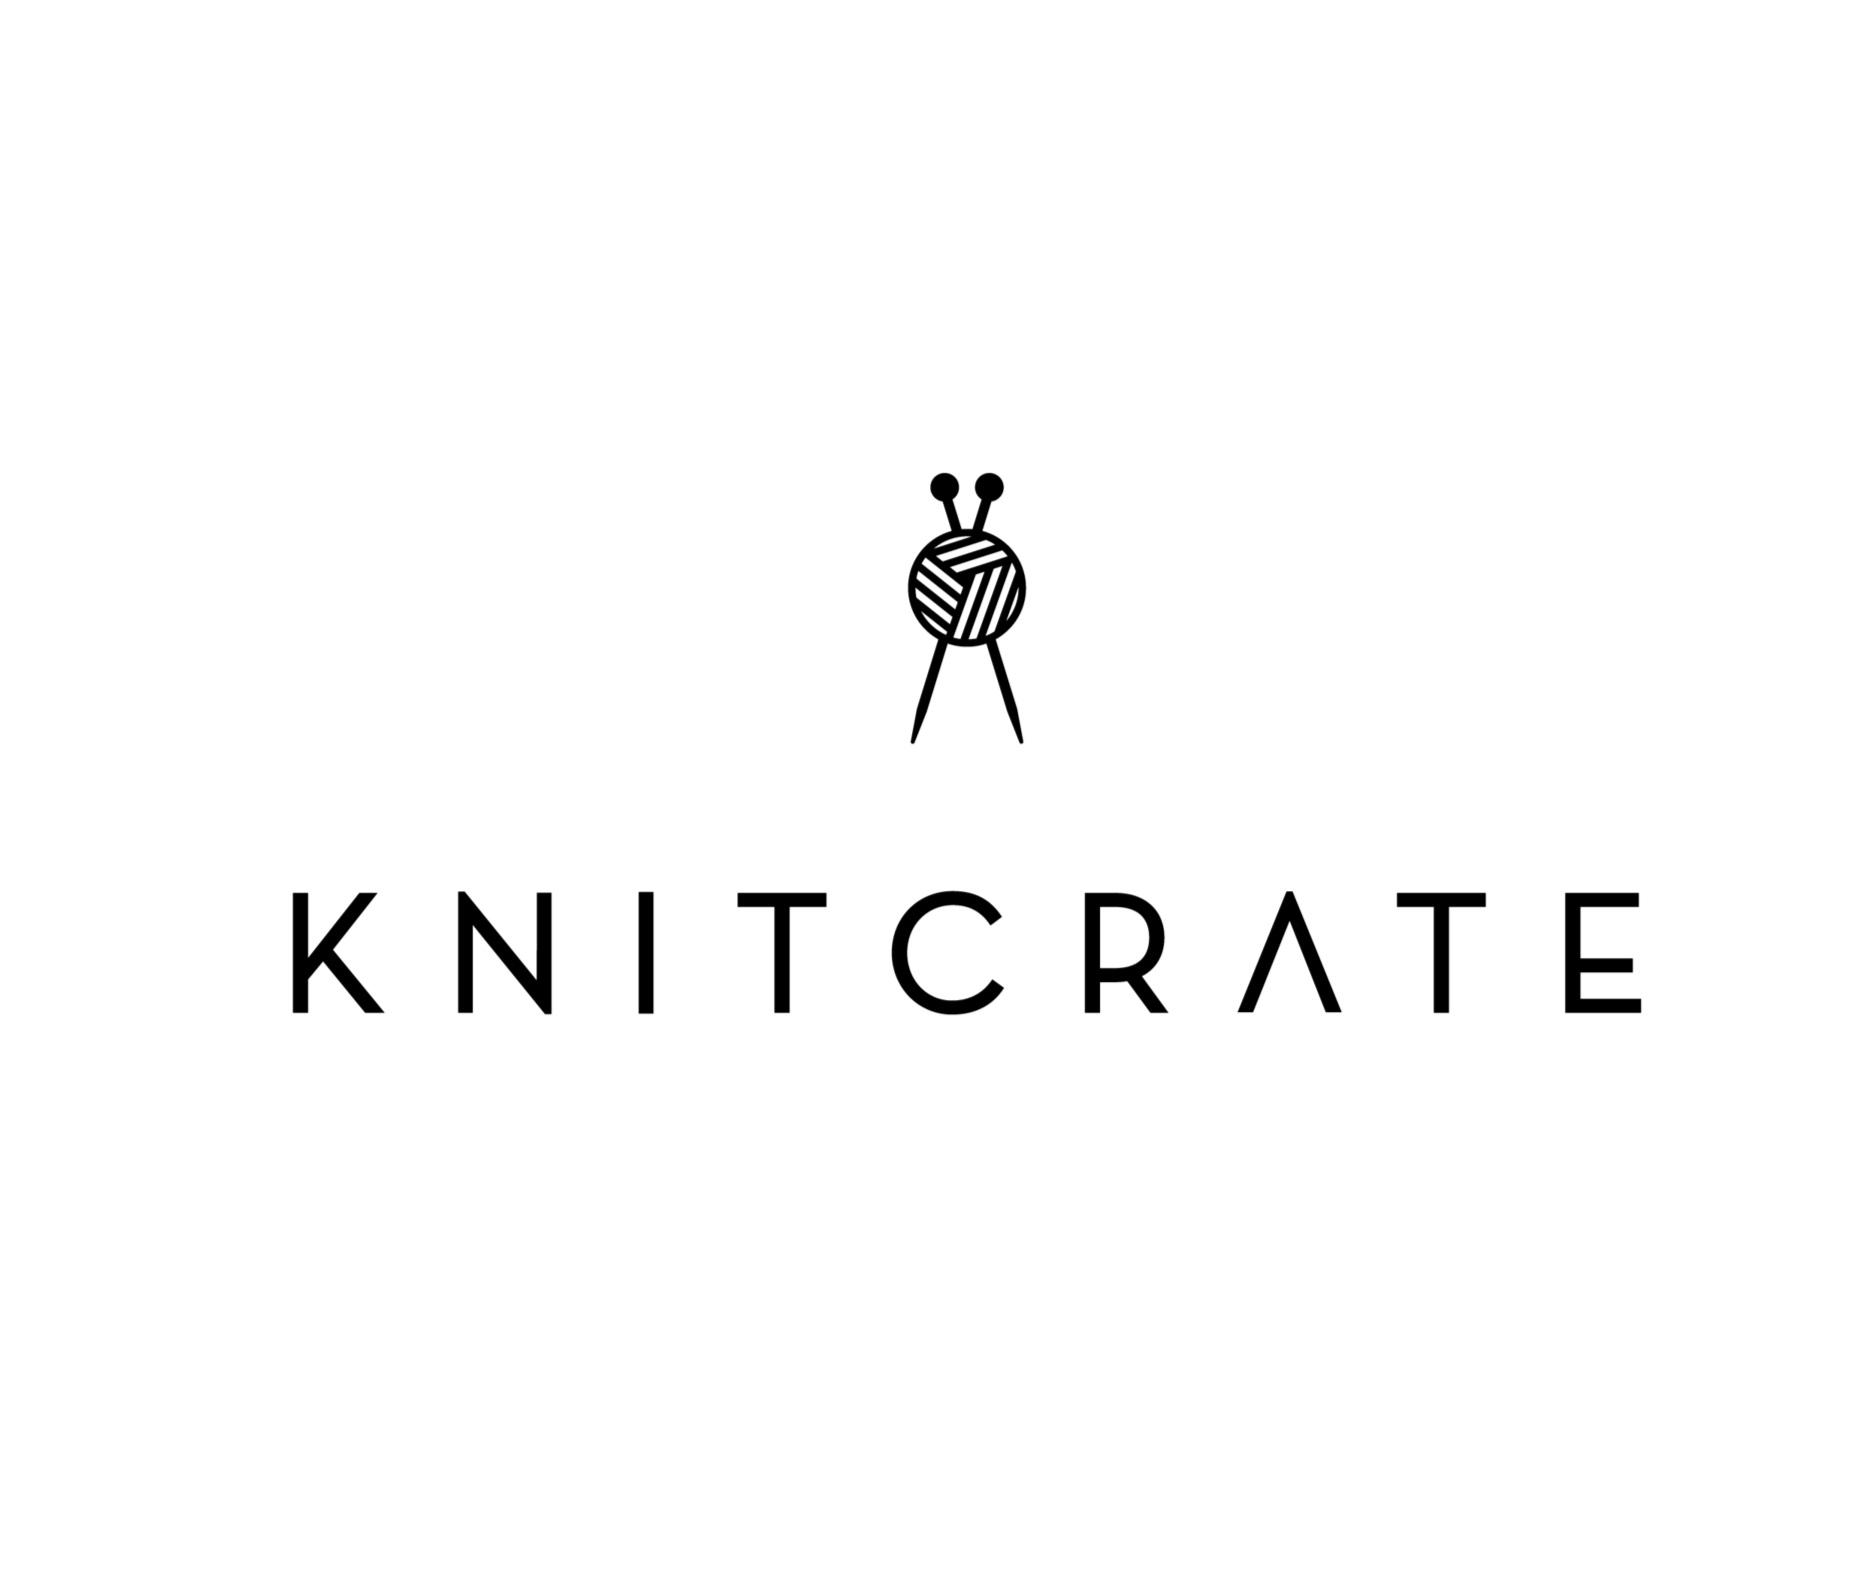 KNITCRATE_F-01.png